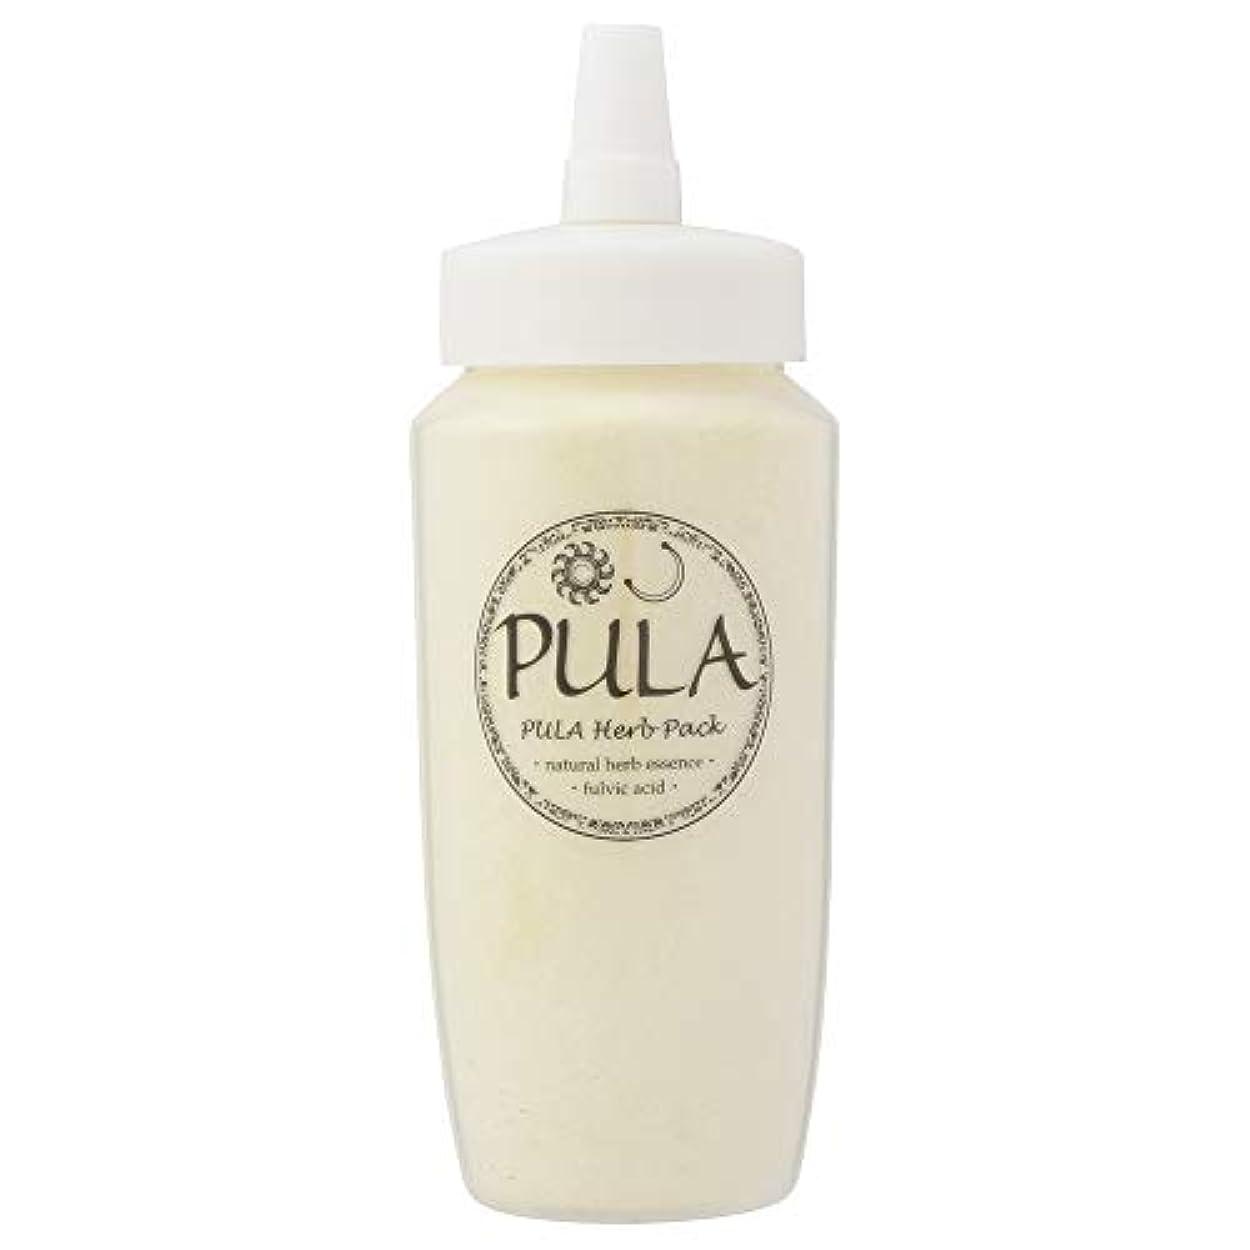 報復する手足間違いなくプーラ ハーブパック 200g (頭皮用パック)【ハーブ&フルボ酸】 ヘッドスパ専門店 PULA 100%自然由来配合